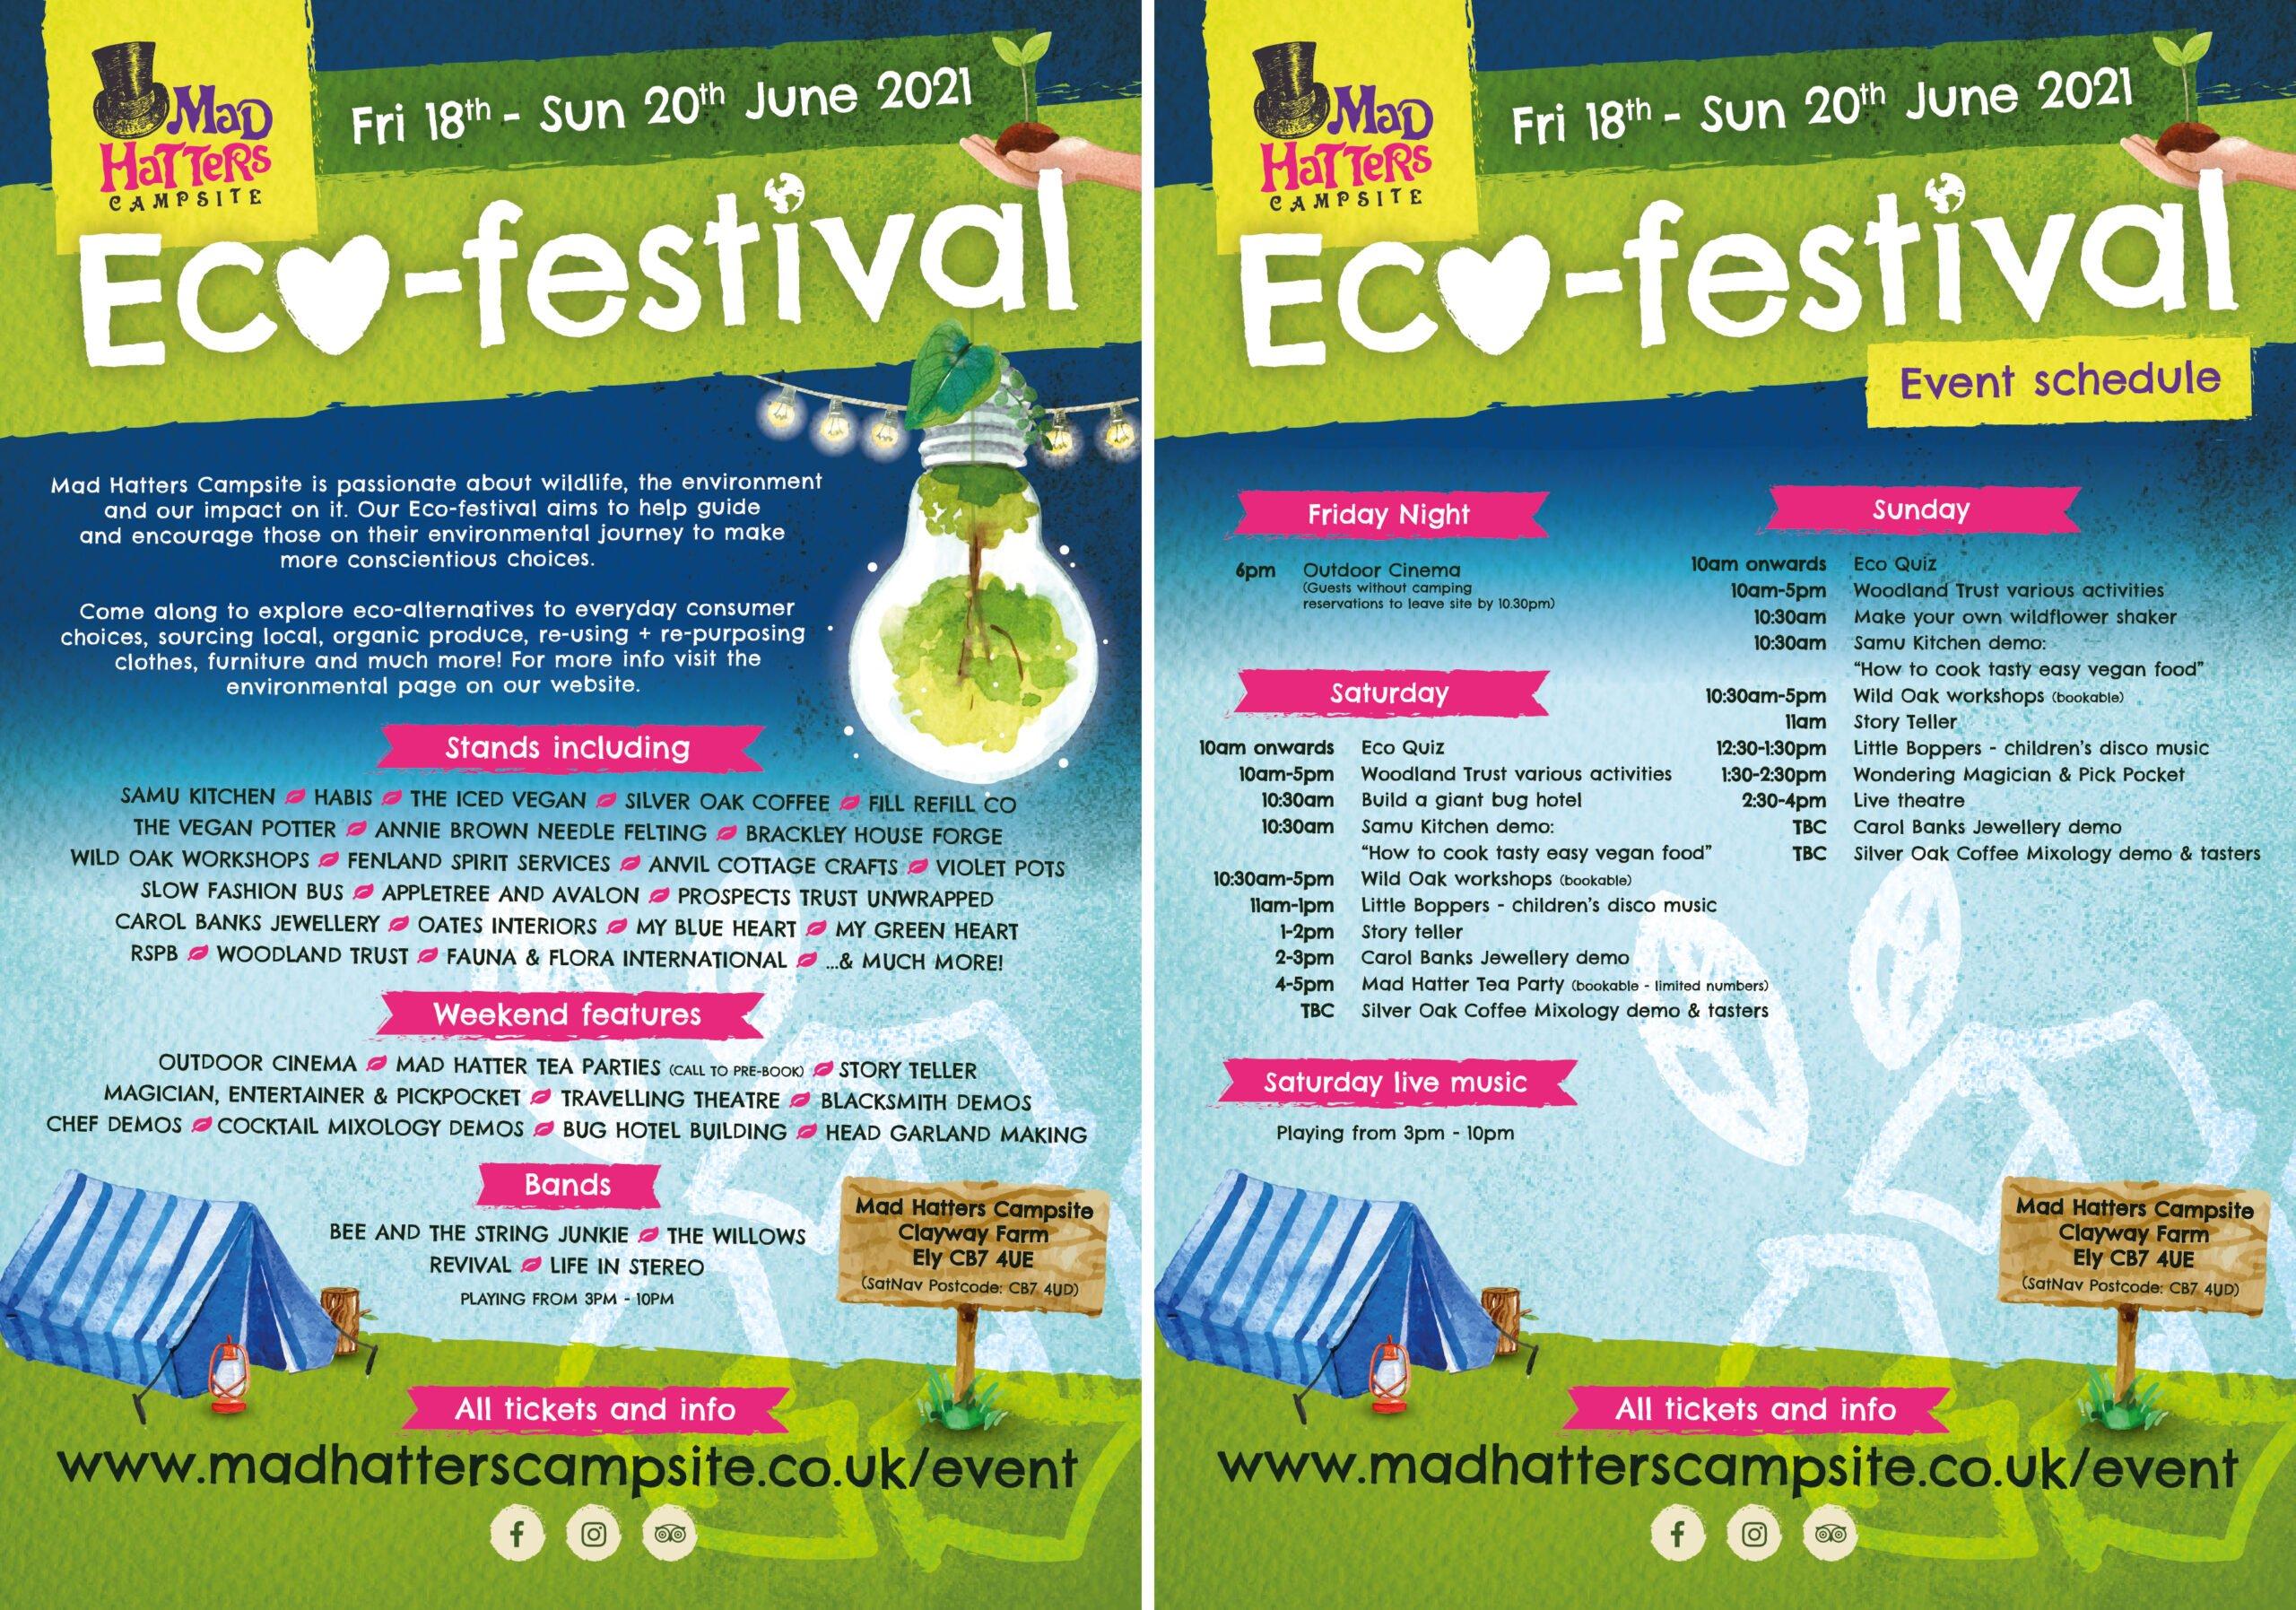 Eco-Festival